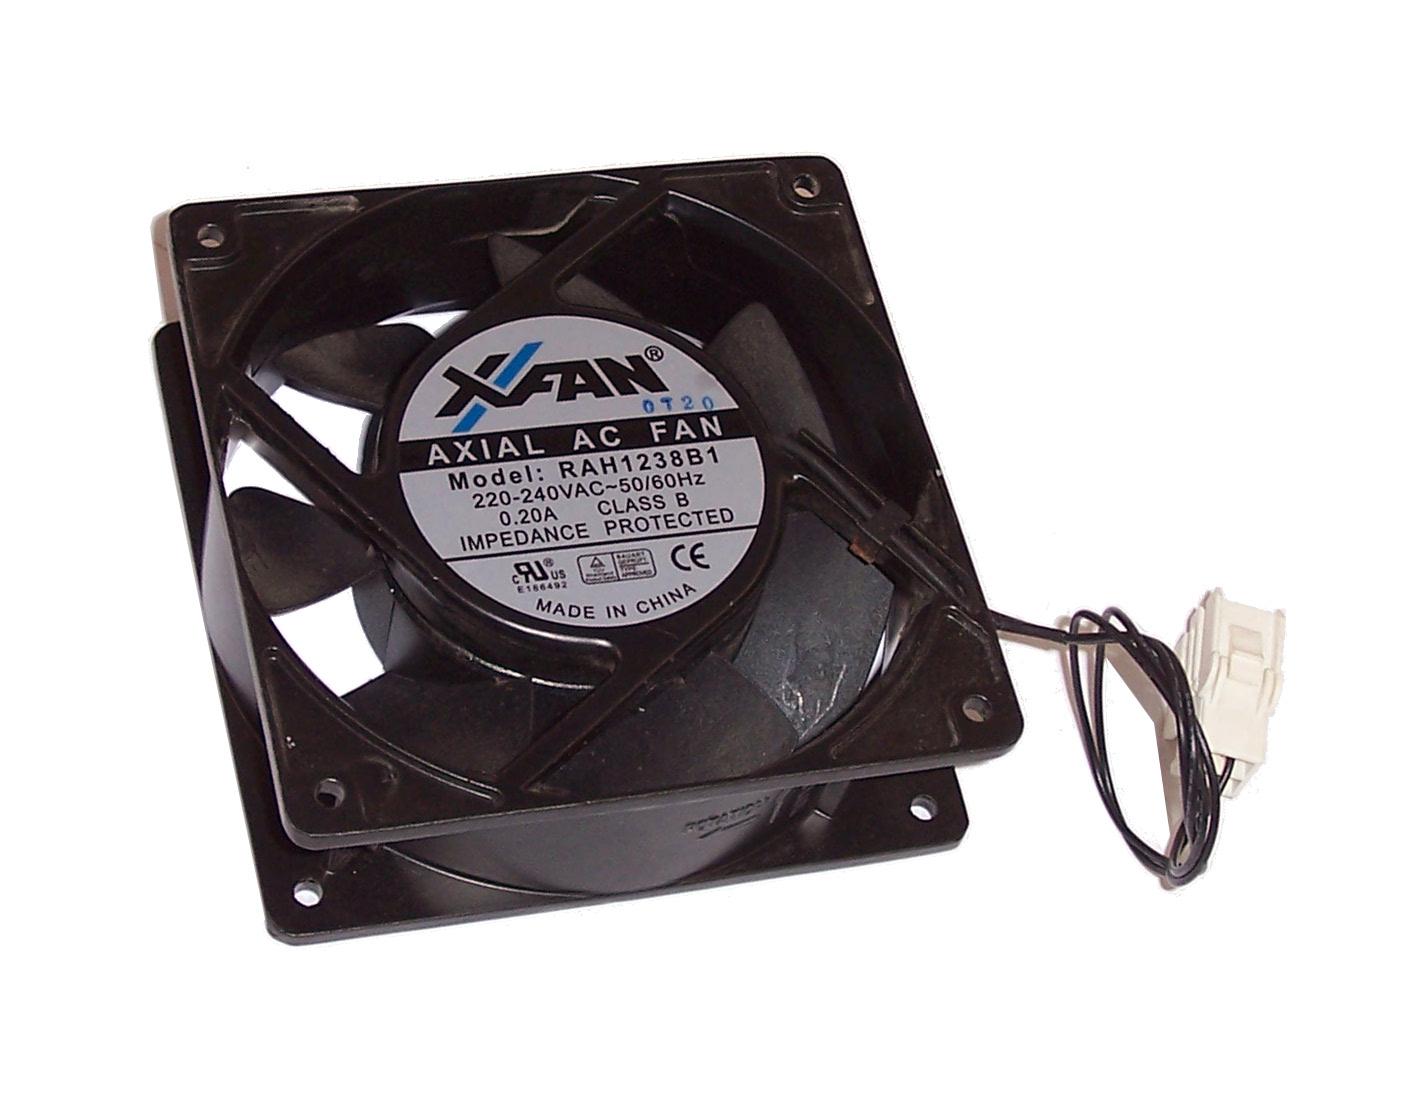 john lewis jltdc12 condenser dryer x fan rah1238b1 cooling. Black Bedroom Furniture Sets. Home Design Ideas